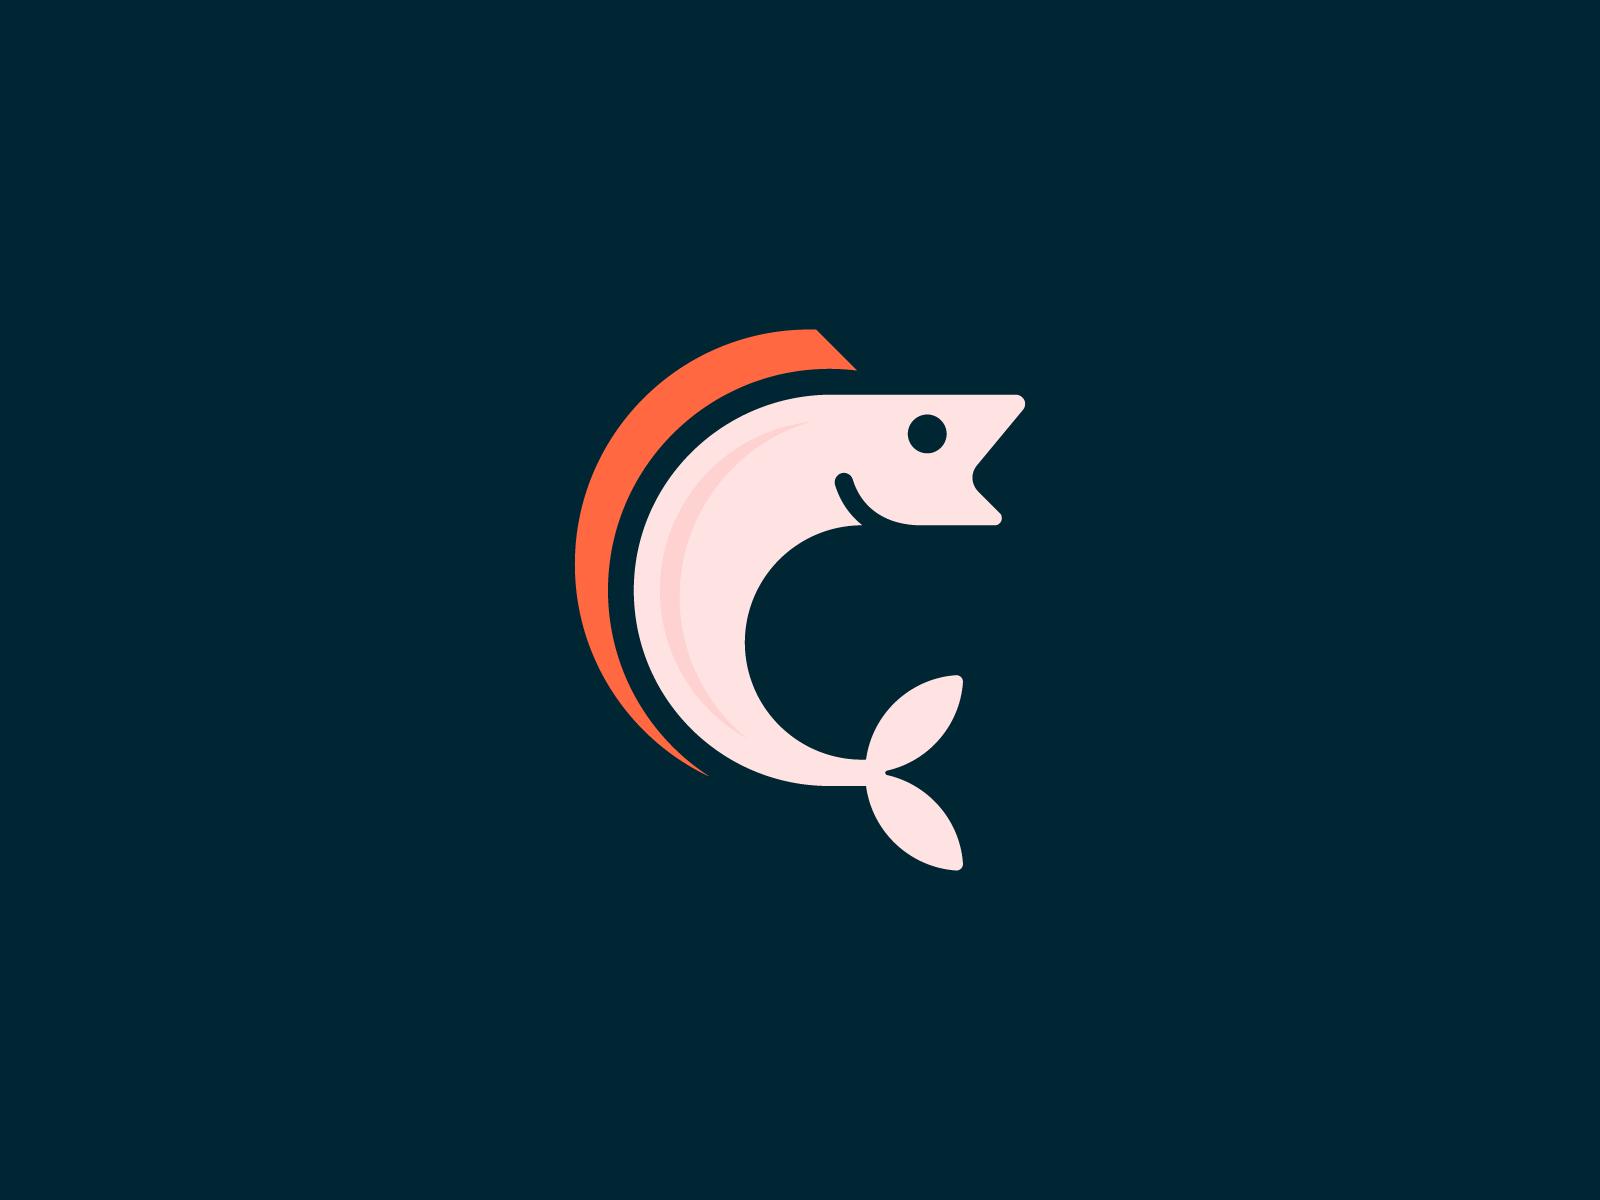 Fish 4x